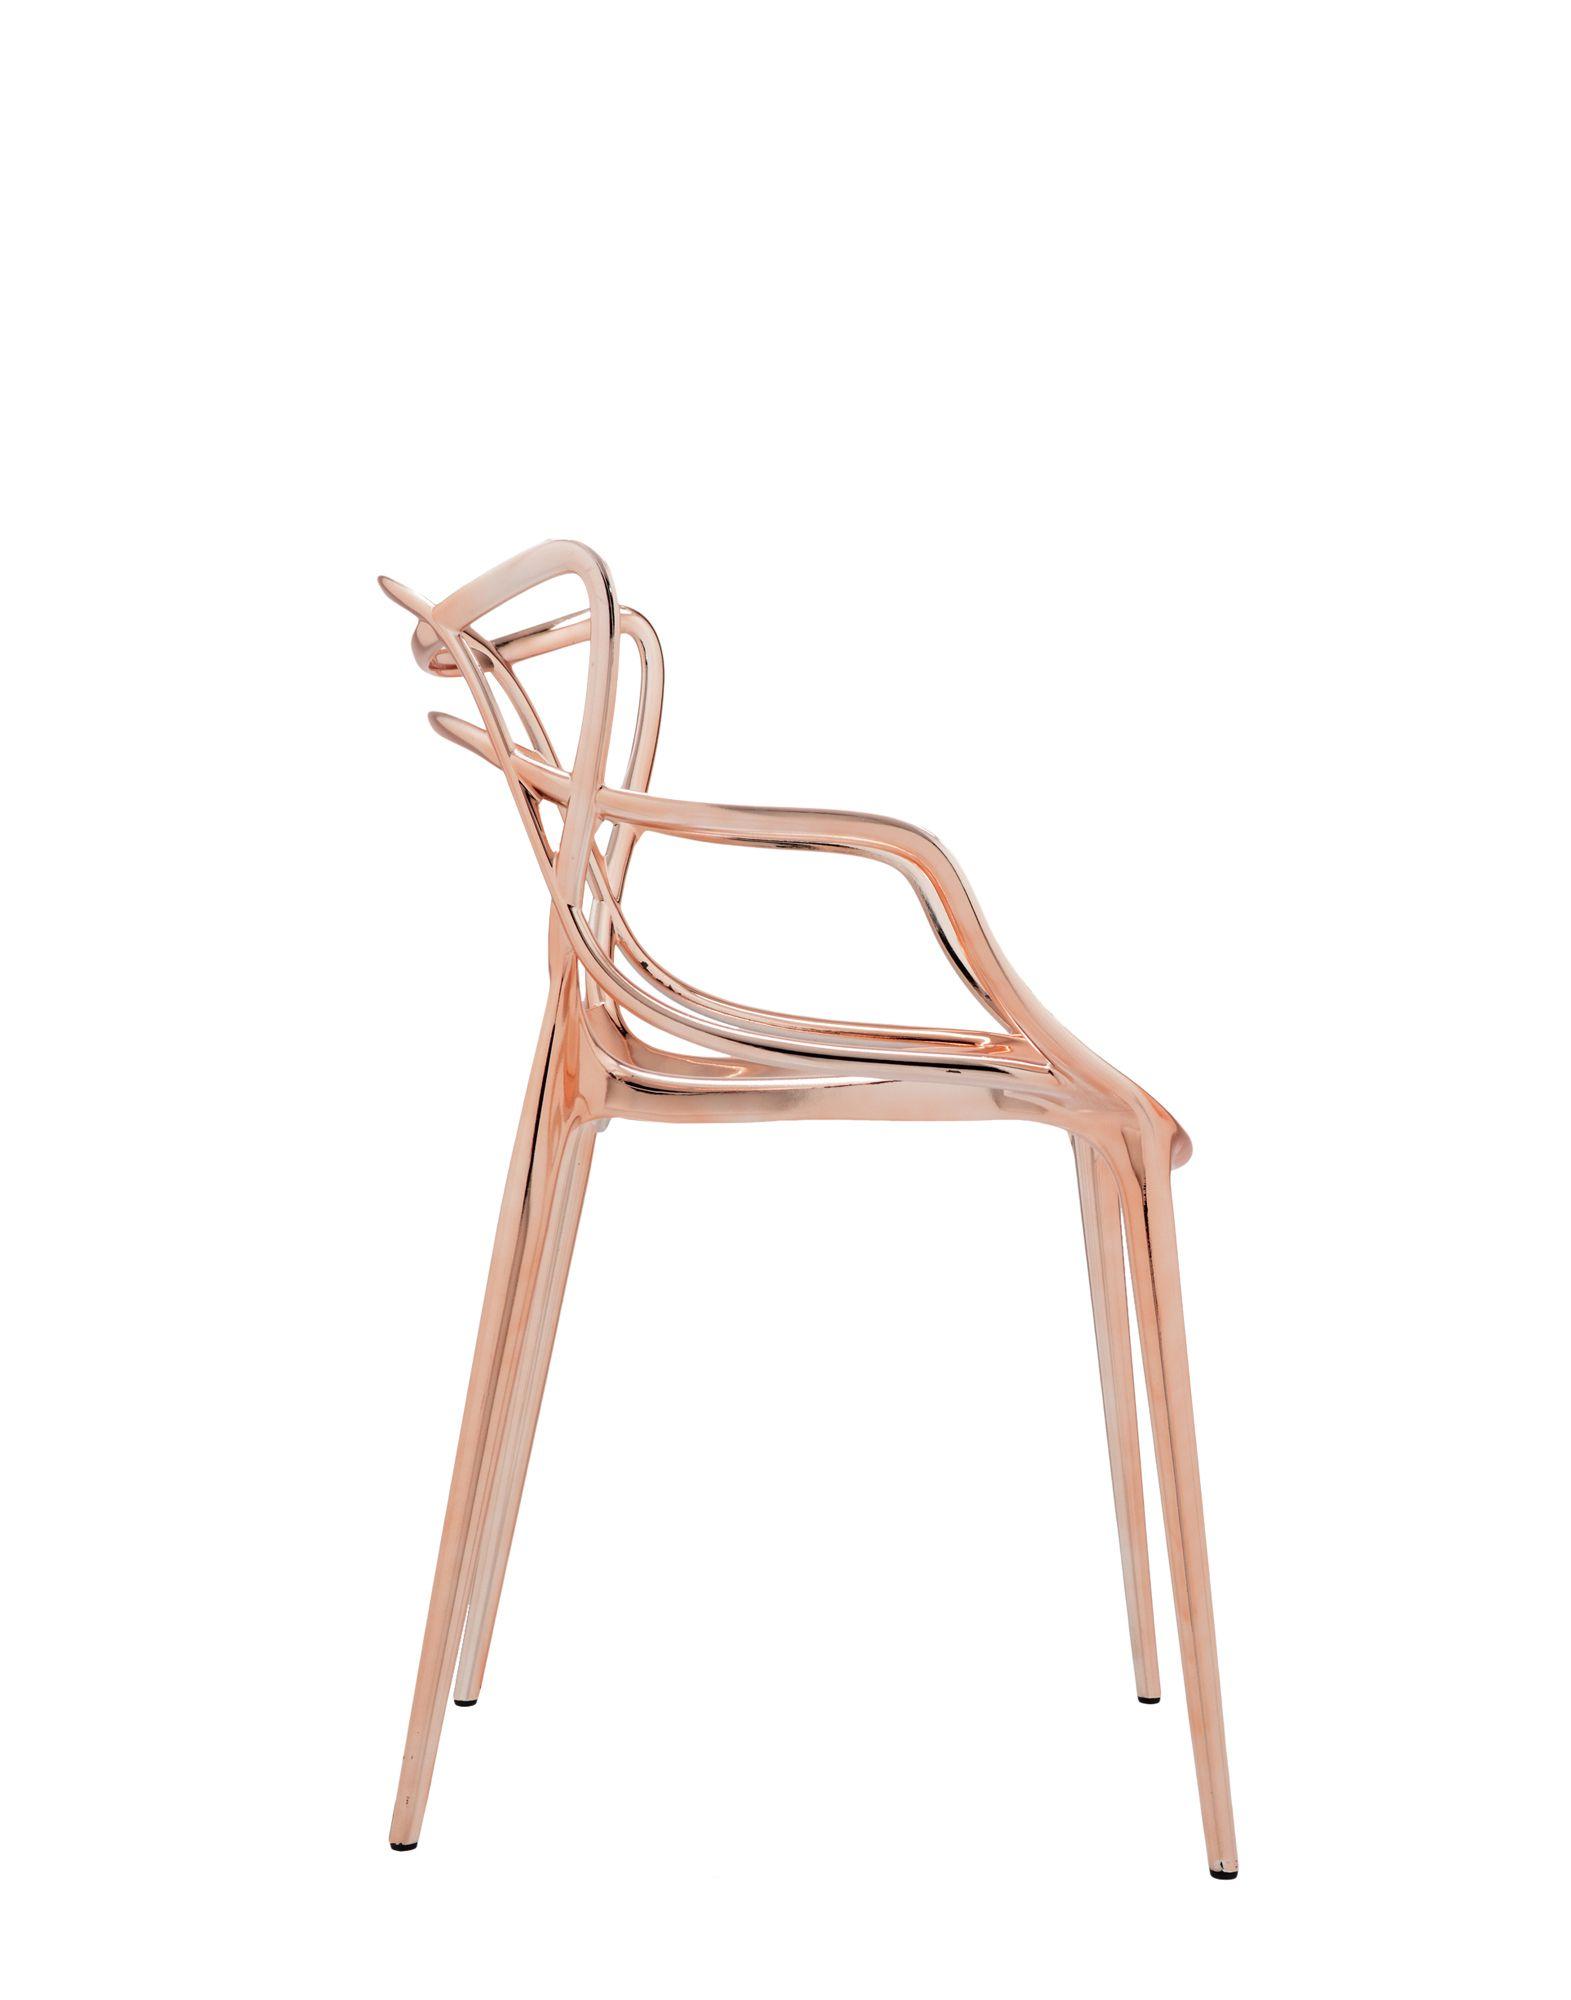 Kartell Masters Rame Sedie Sedie Design Sedie Moderne Sedie Design Newformsdesign